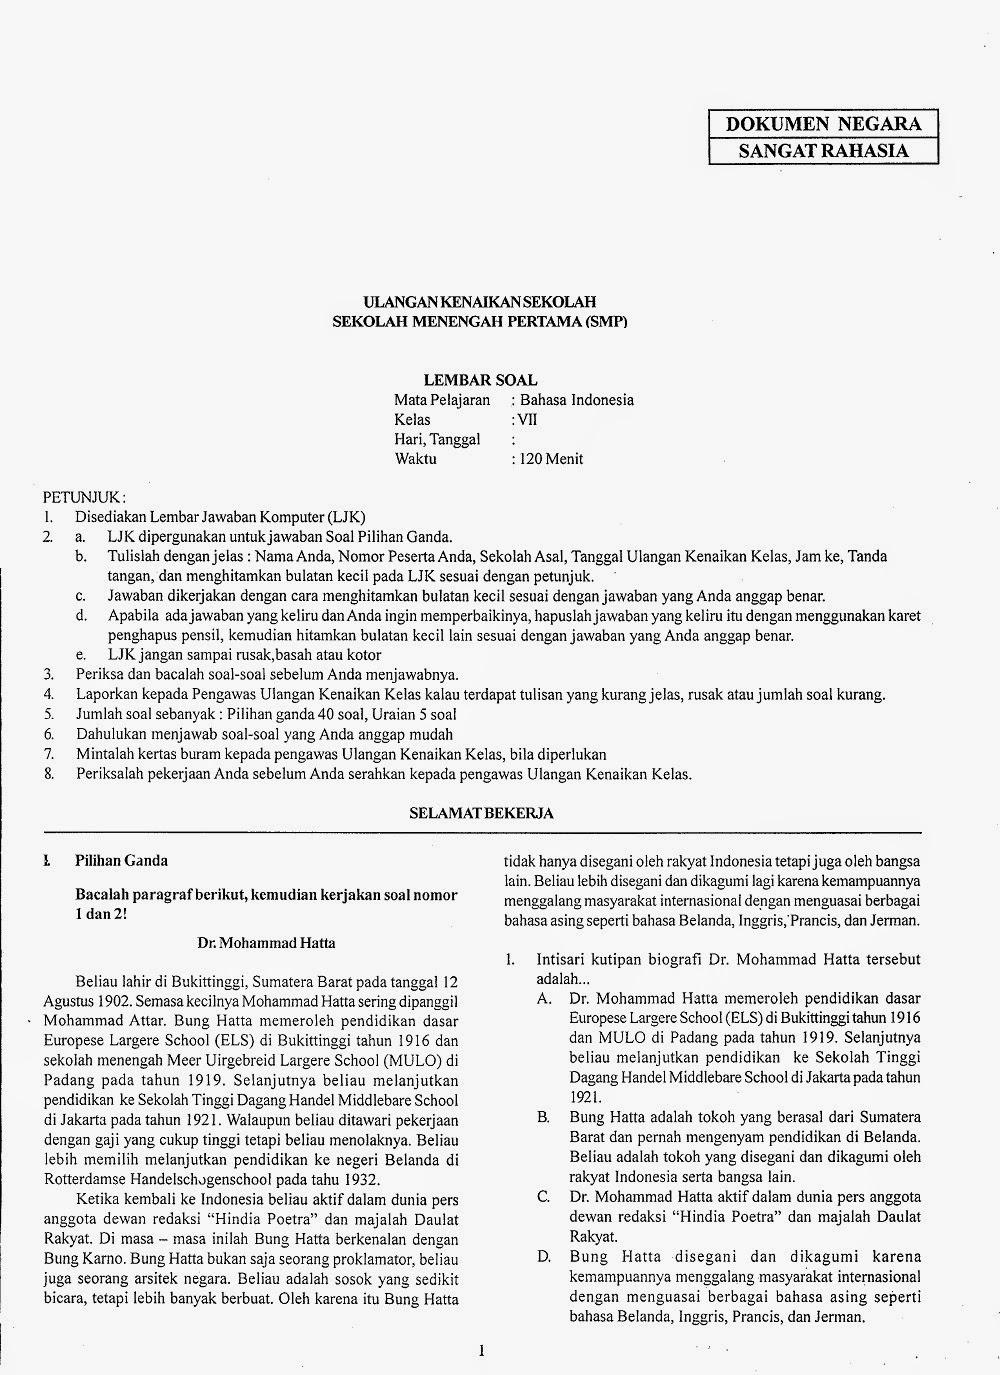 Prediksi Ukk Bahasa Indonesia Kelas 7 Smp Uas Ii Ta 2013 2014 Kumpulan Soal Dan Prediksi Ujian